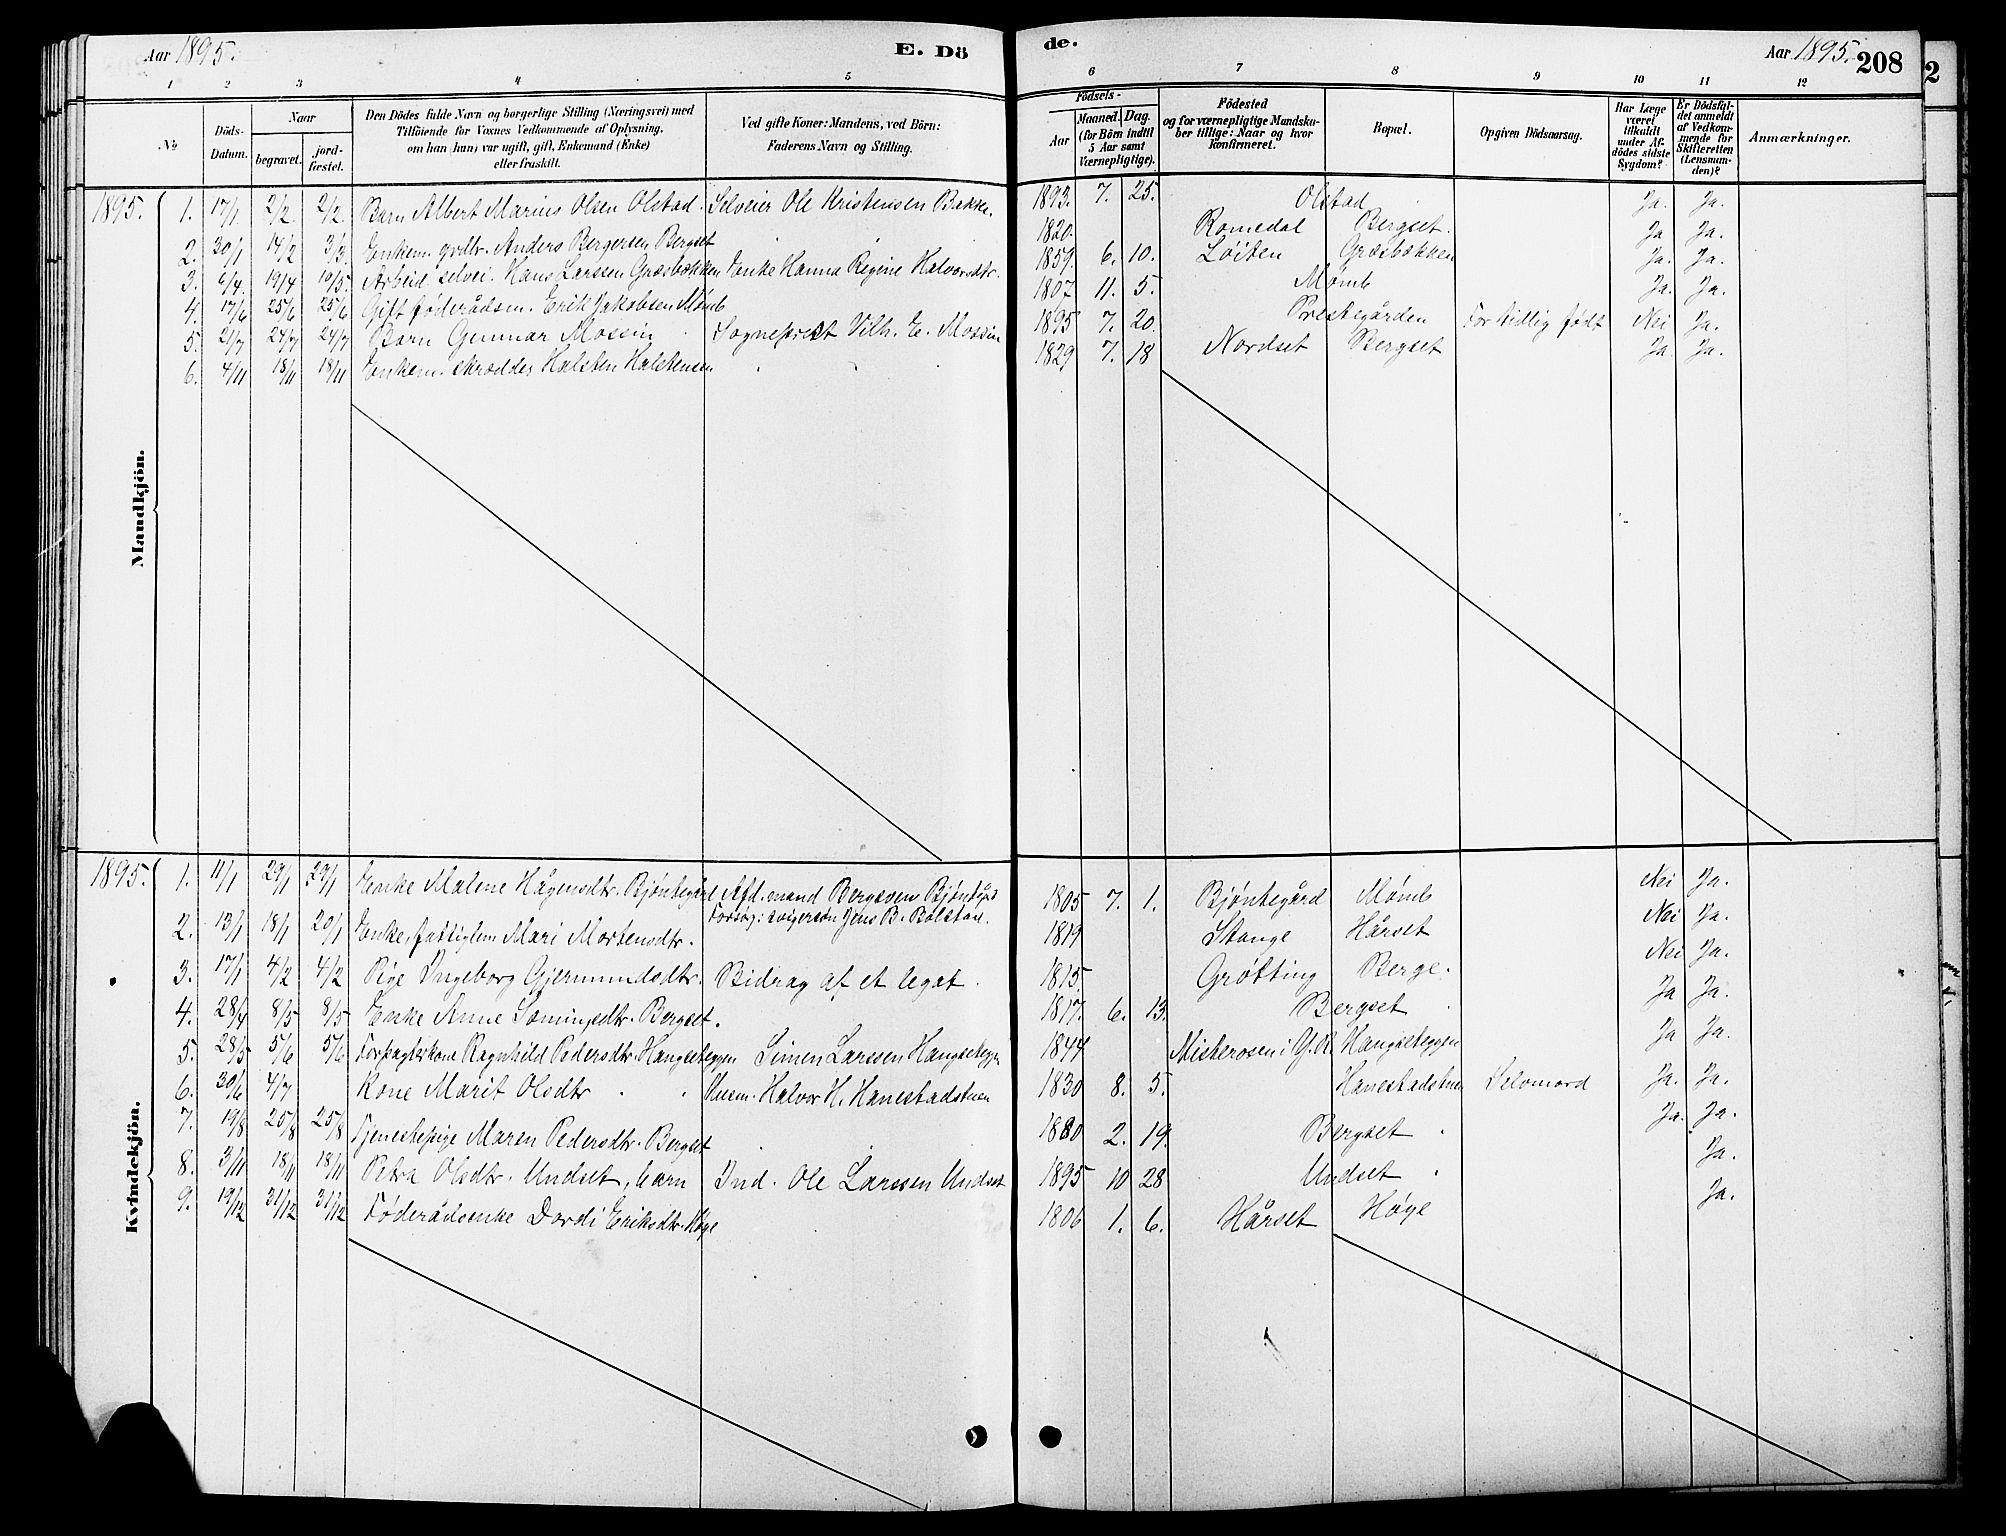 SAH, Rendalen prestekontor, H/Ha/Hab/L0003: Klokkerbok nr. 3, 1879-1904, s. 208